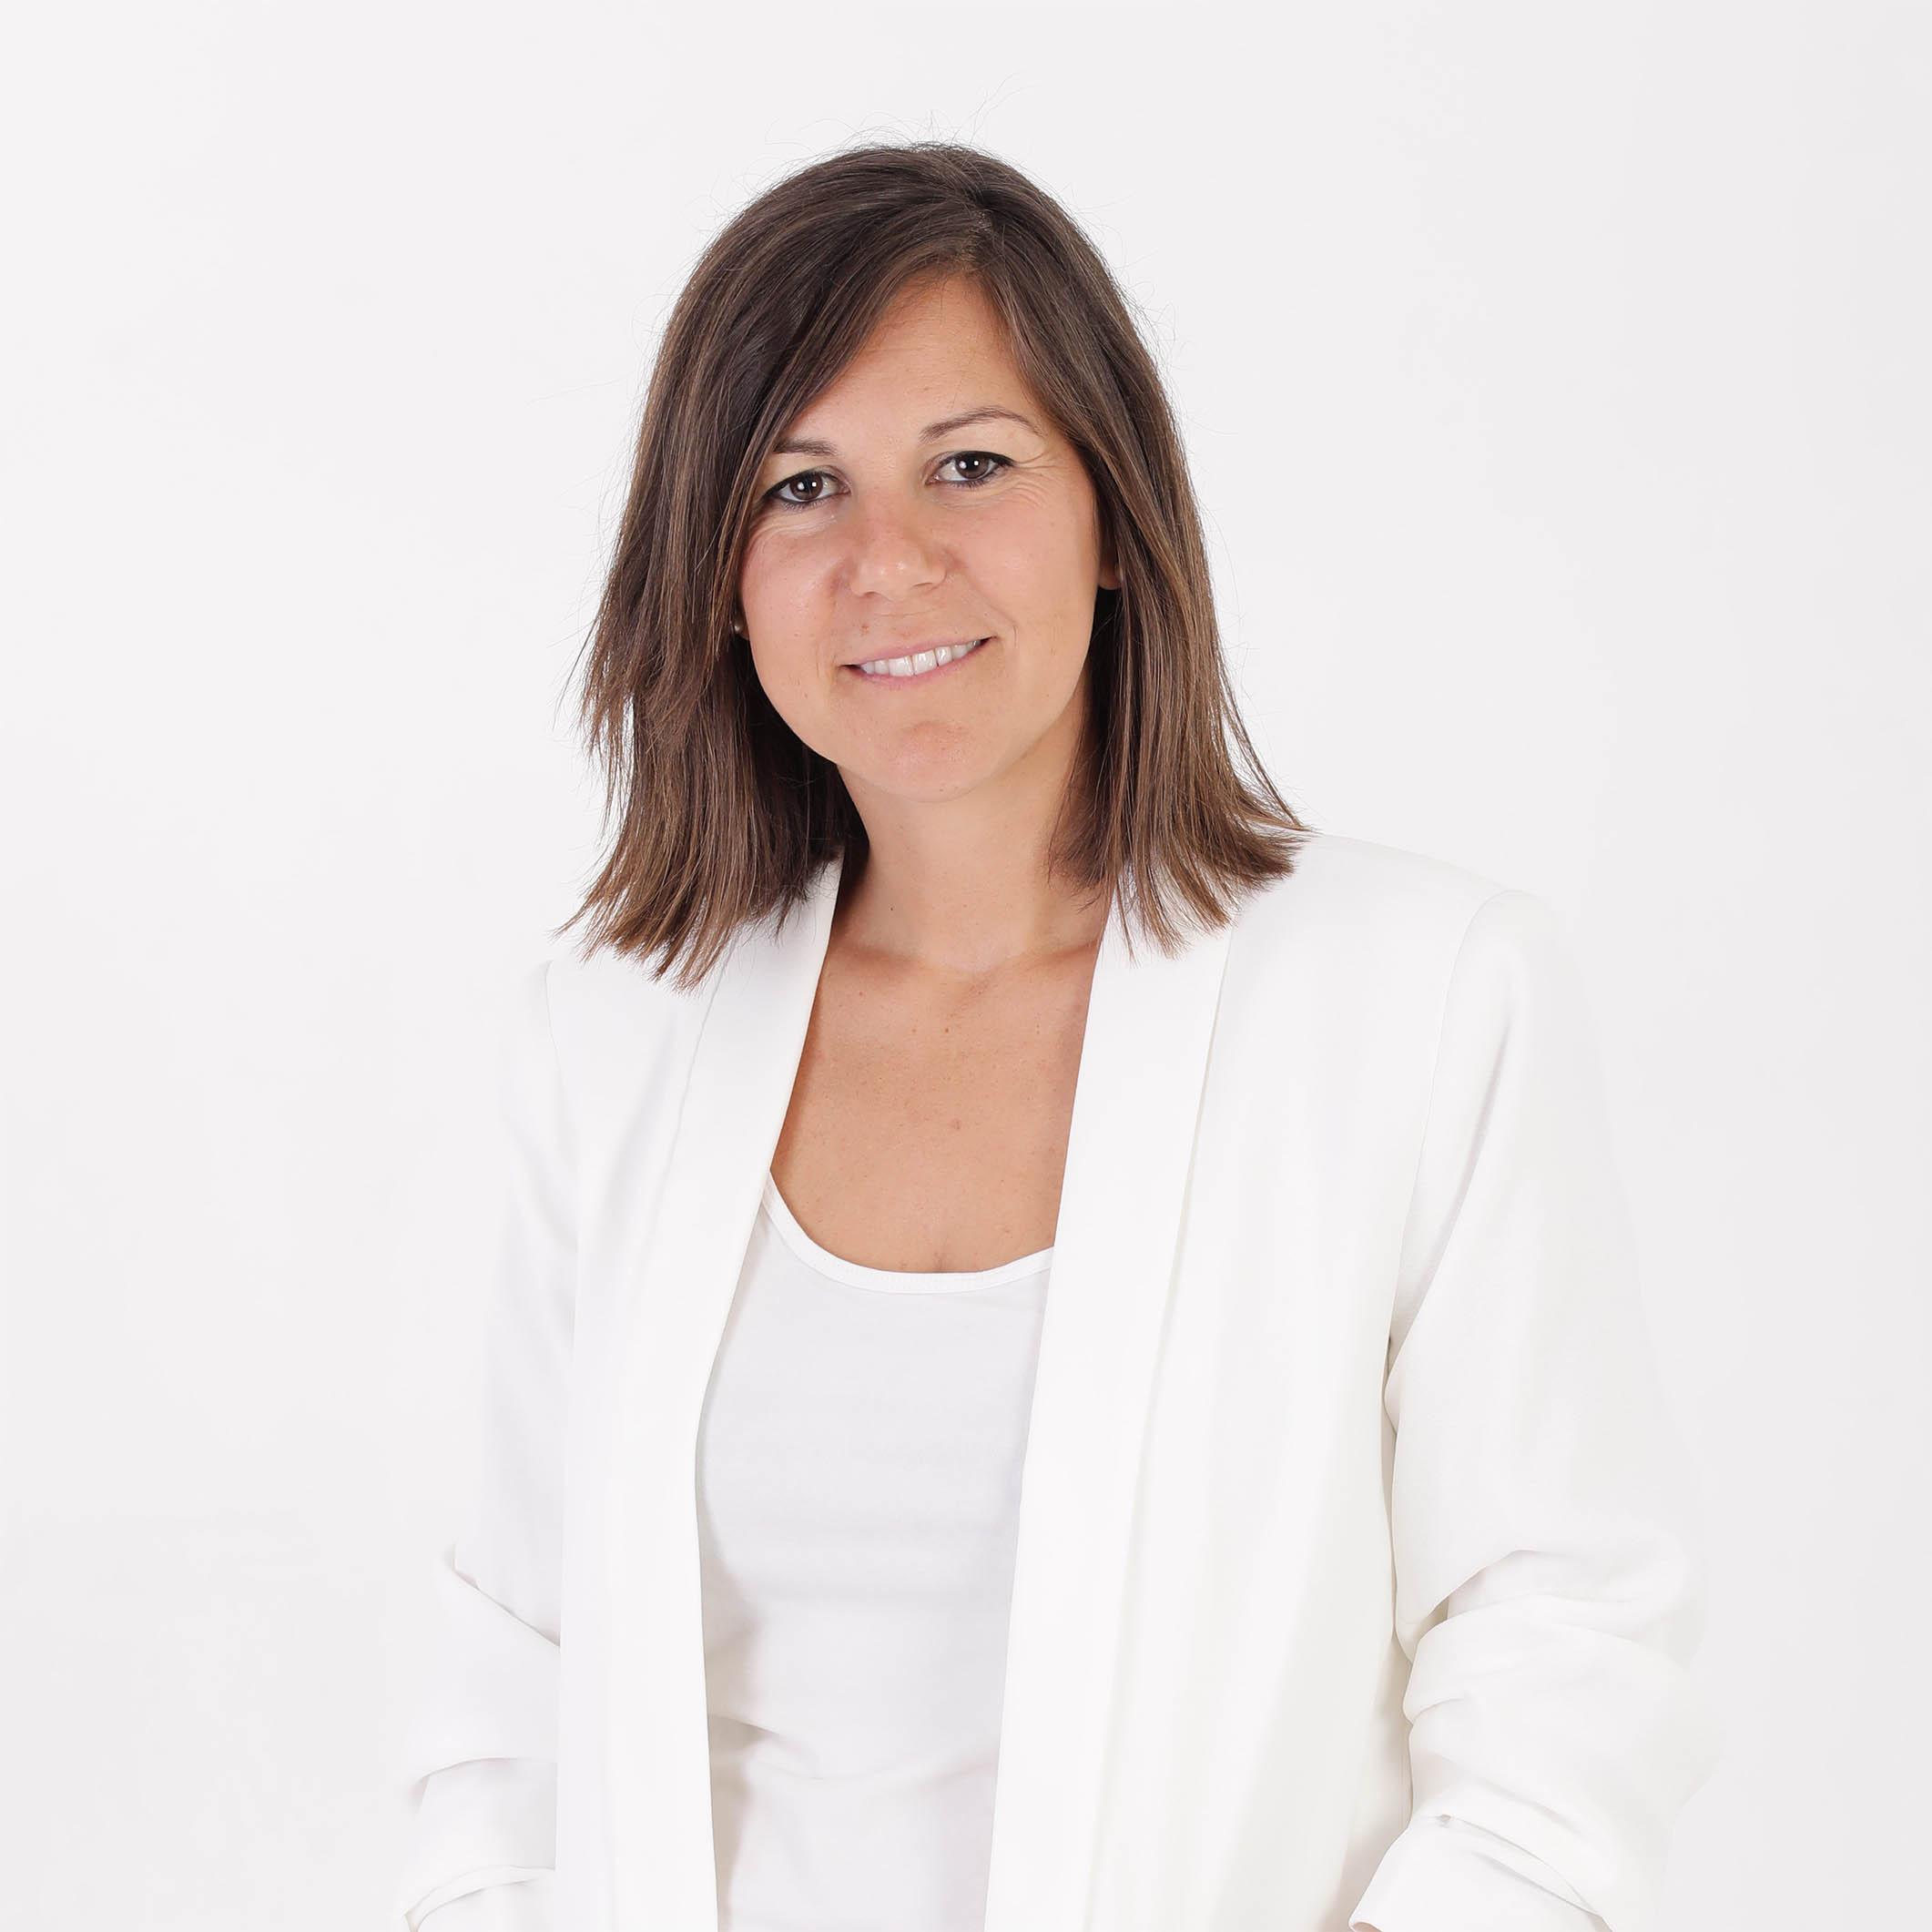 Margalida Vives Forteza - Psicóloga infanto-juvenil - Psicóloga de adultos y del deporte - ESPLA Centro Terapéutico